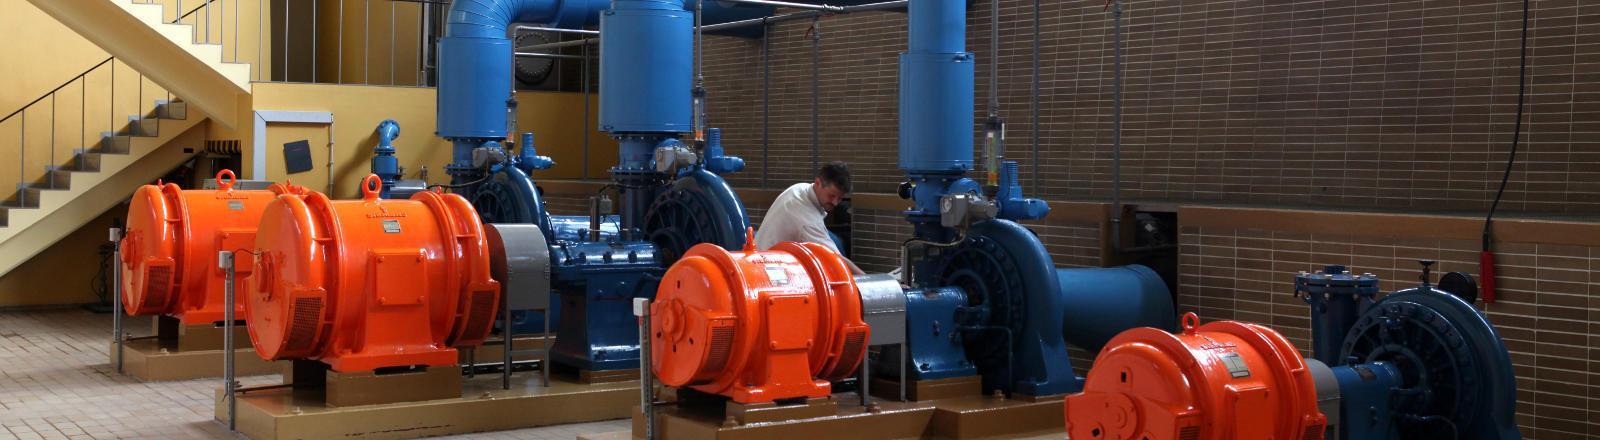 Pumpen eines Wasserwerks